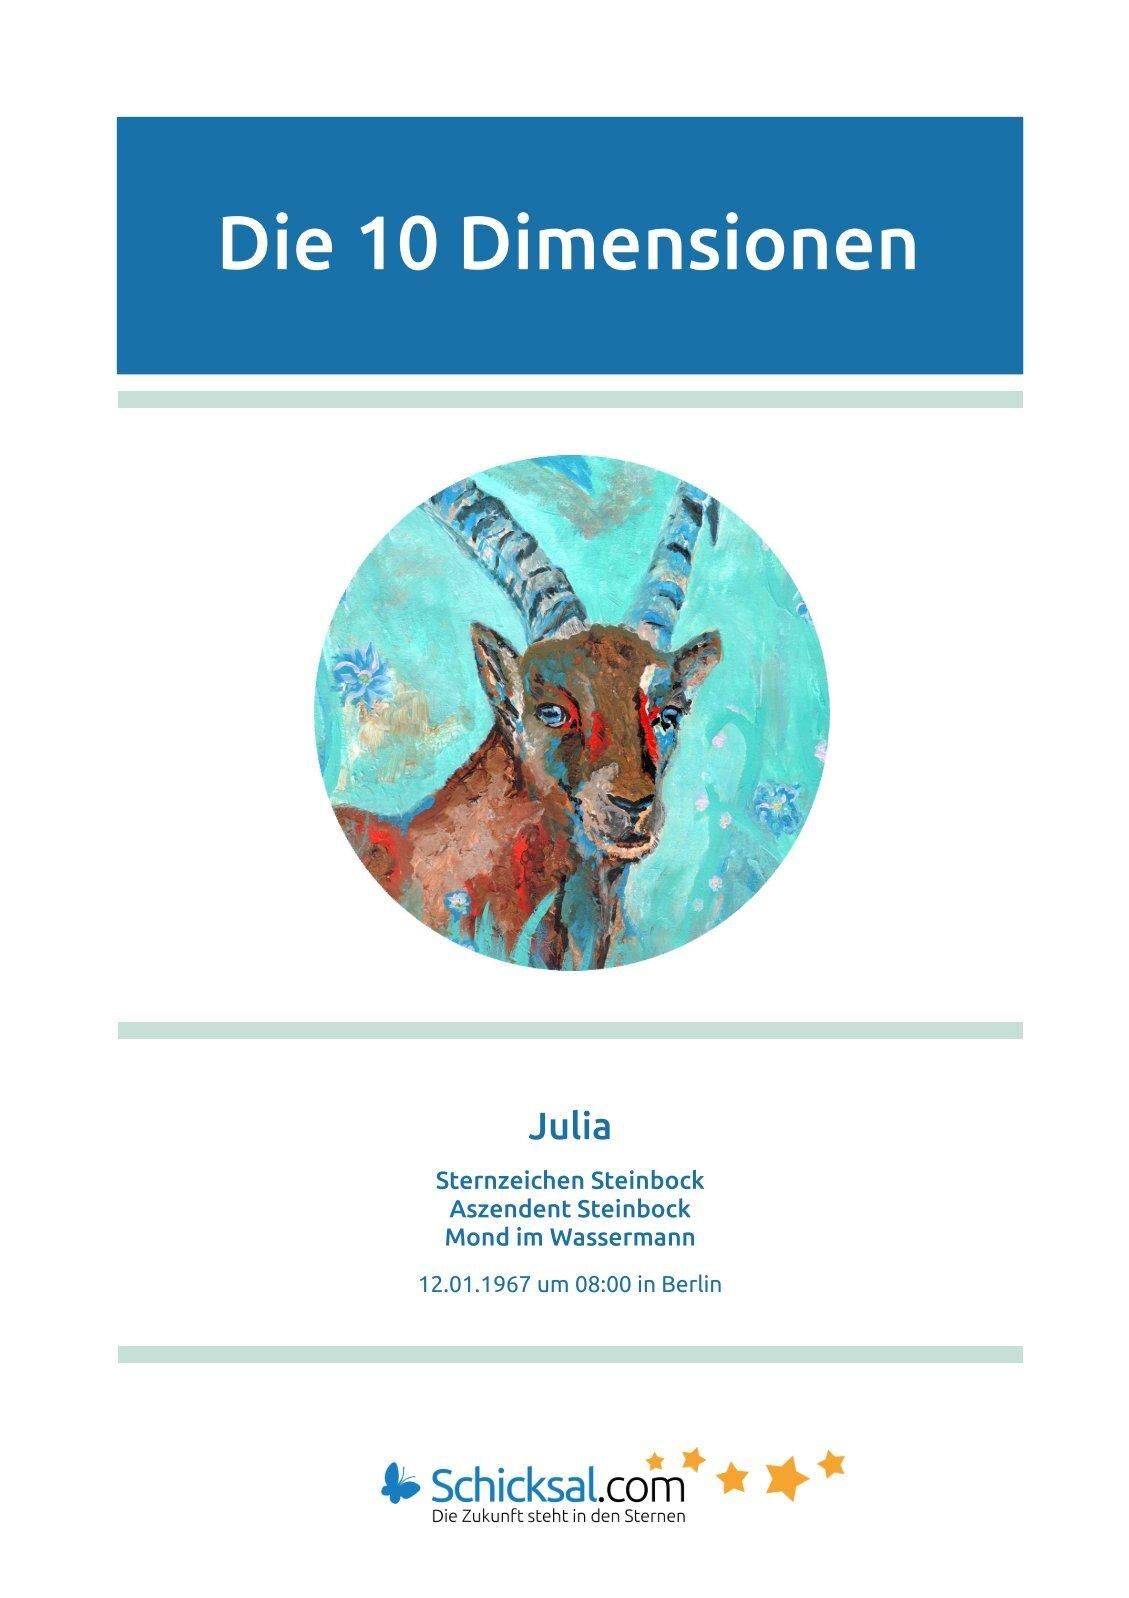 Steinbock - Die 10 Dimensionen - Horoskop